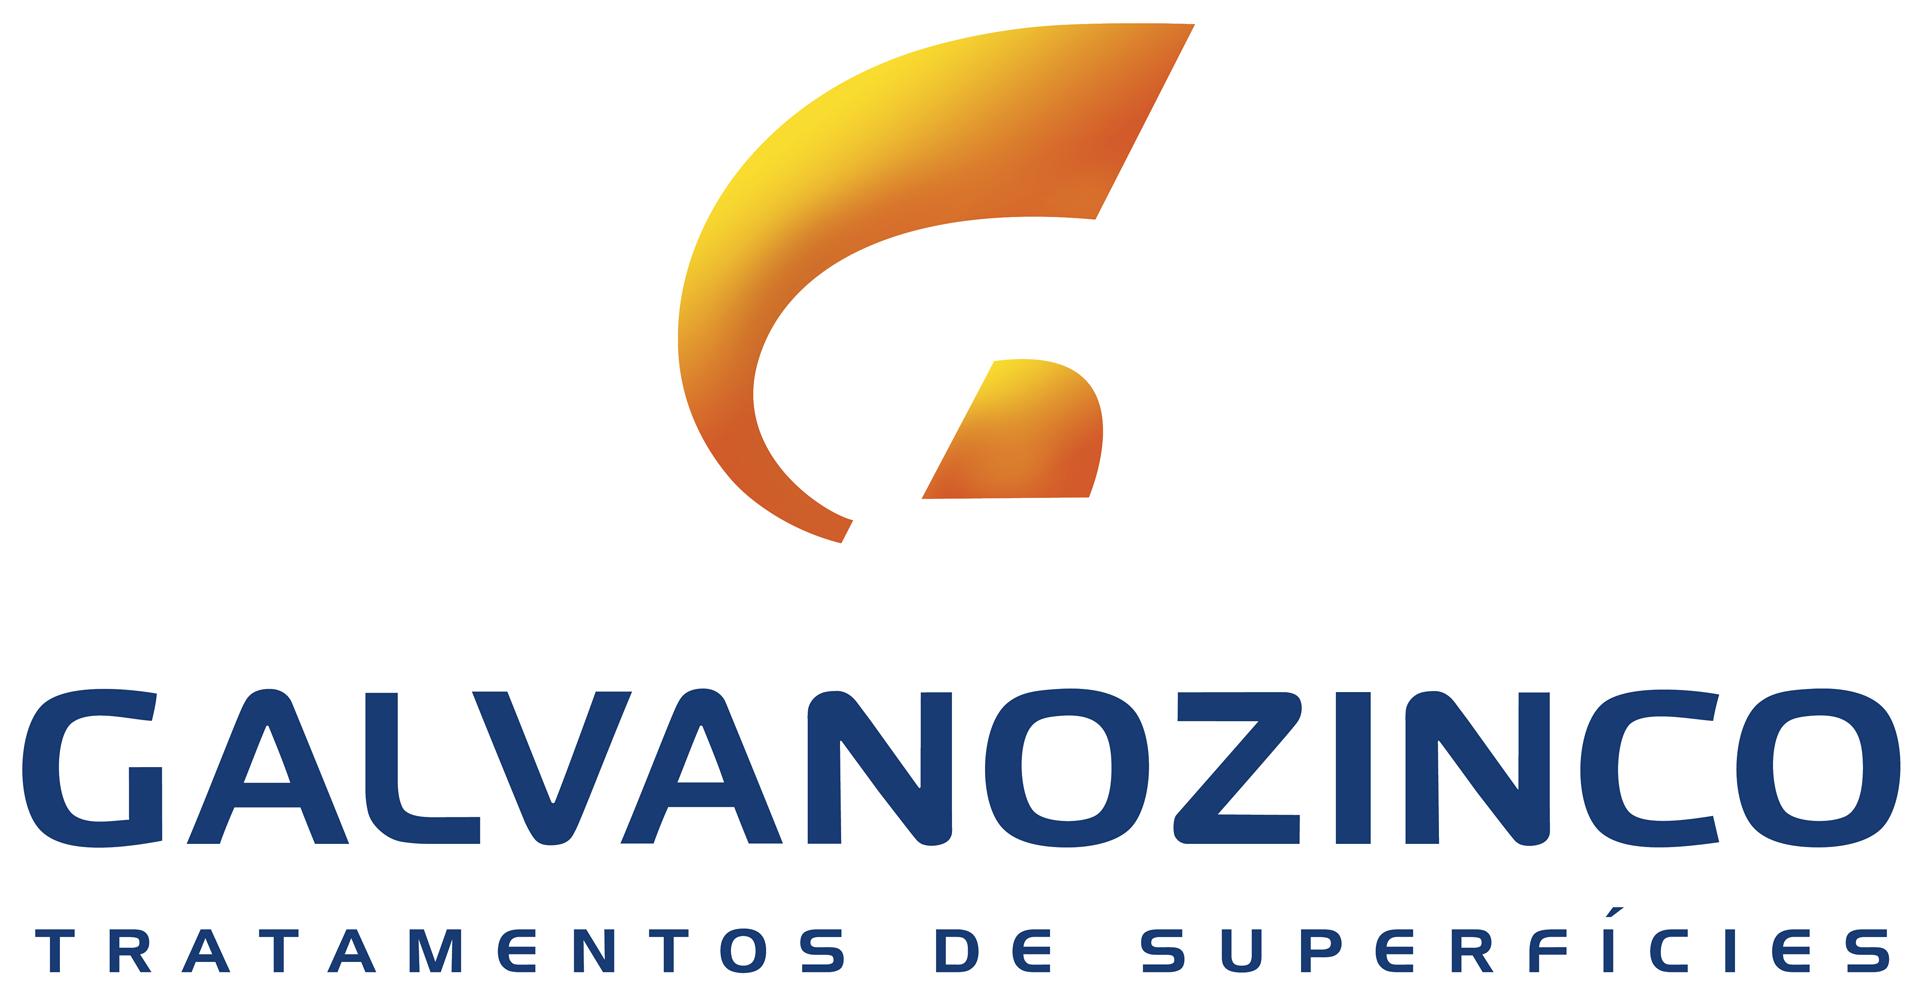 Galvanozinco